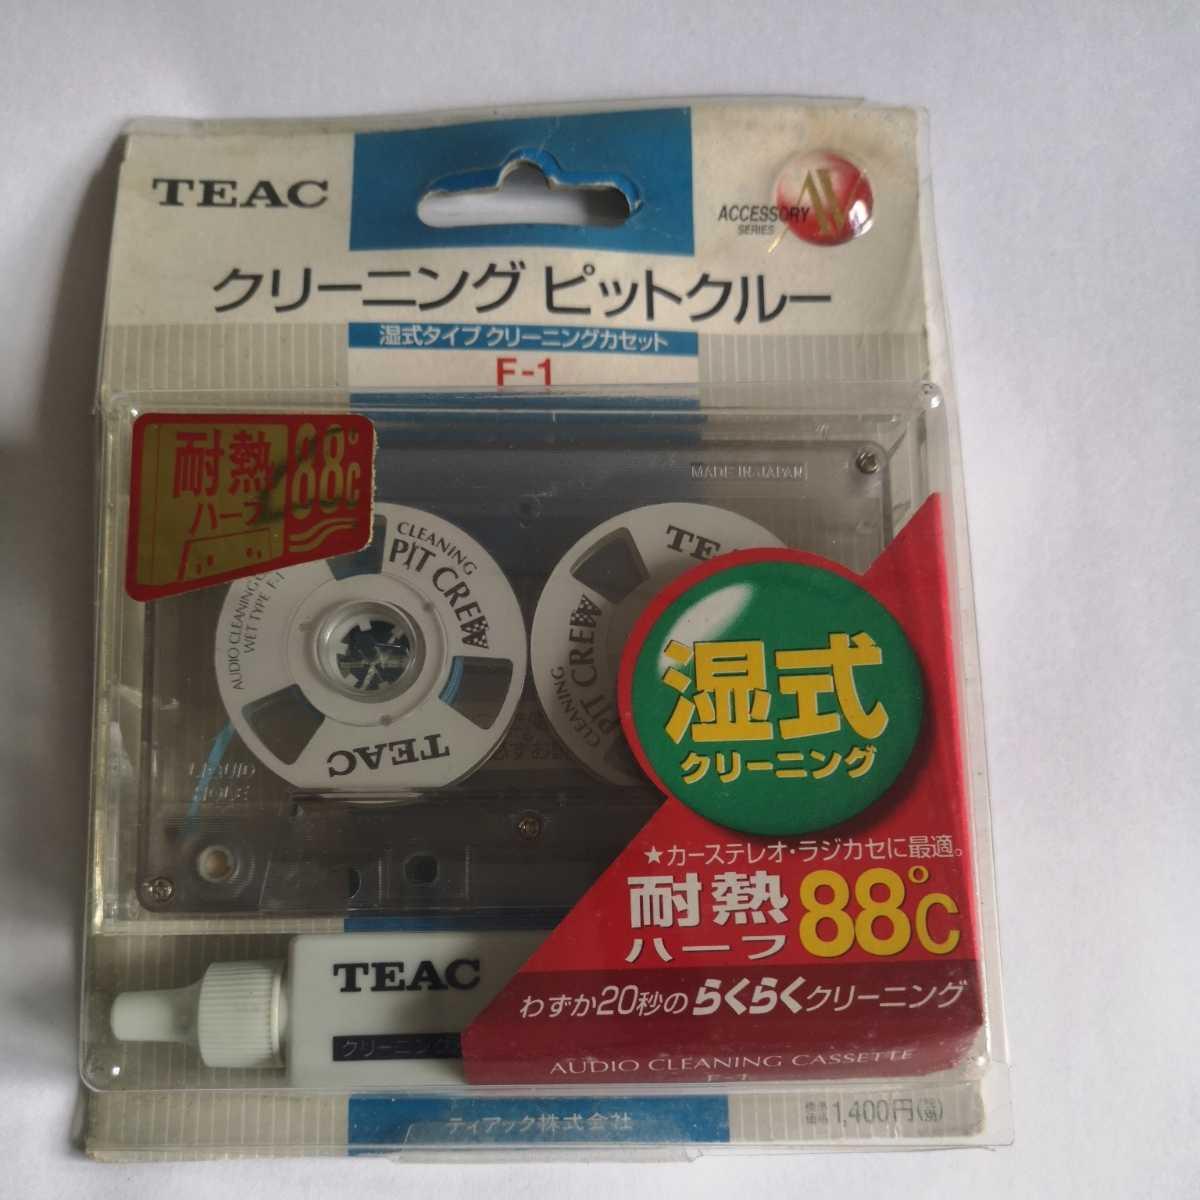 カセットテープ オープンリール TEAC F-1 ピットクルー ティアック クリーニング カセット 中古_画像1